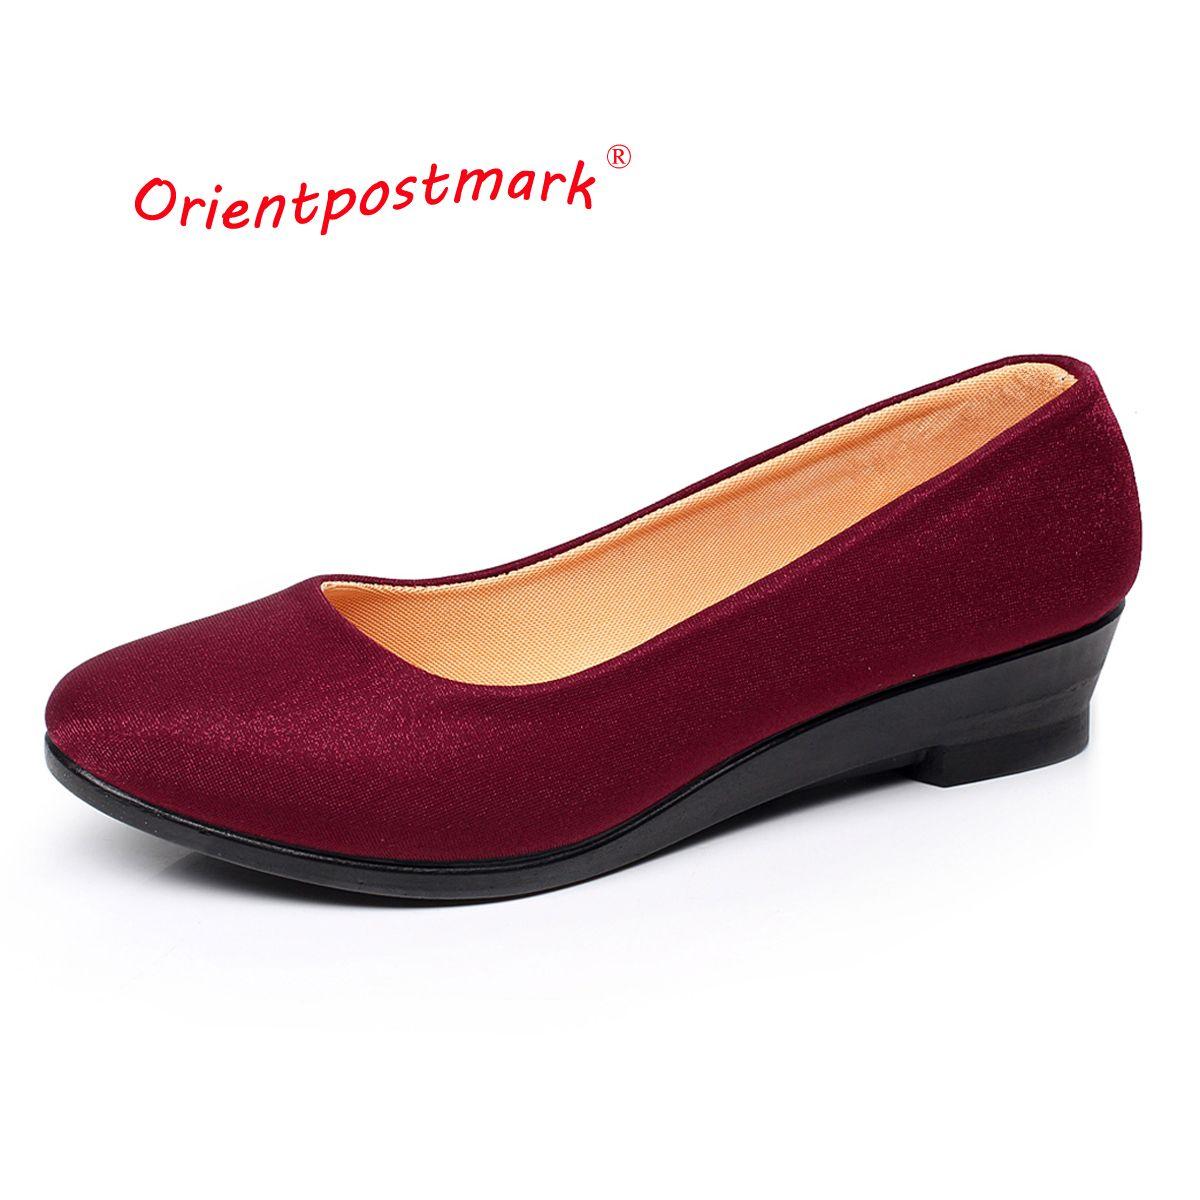 Chaussures de Ballet pour femmes chaussures à semelles compensées pour tissu de travail mocassins doux sans lacet chaussures pour femmes enceintes chaussures à semelles compensées chaussures de bateau surdimensionnées